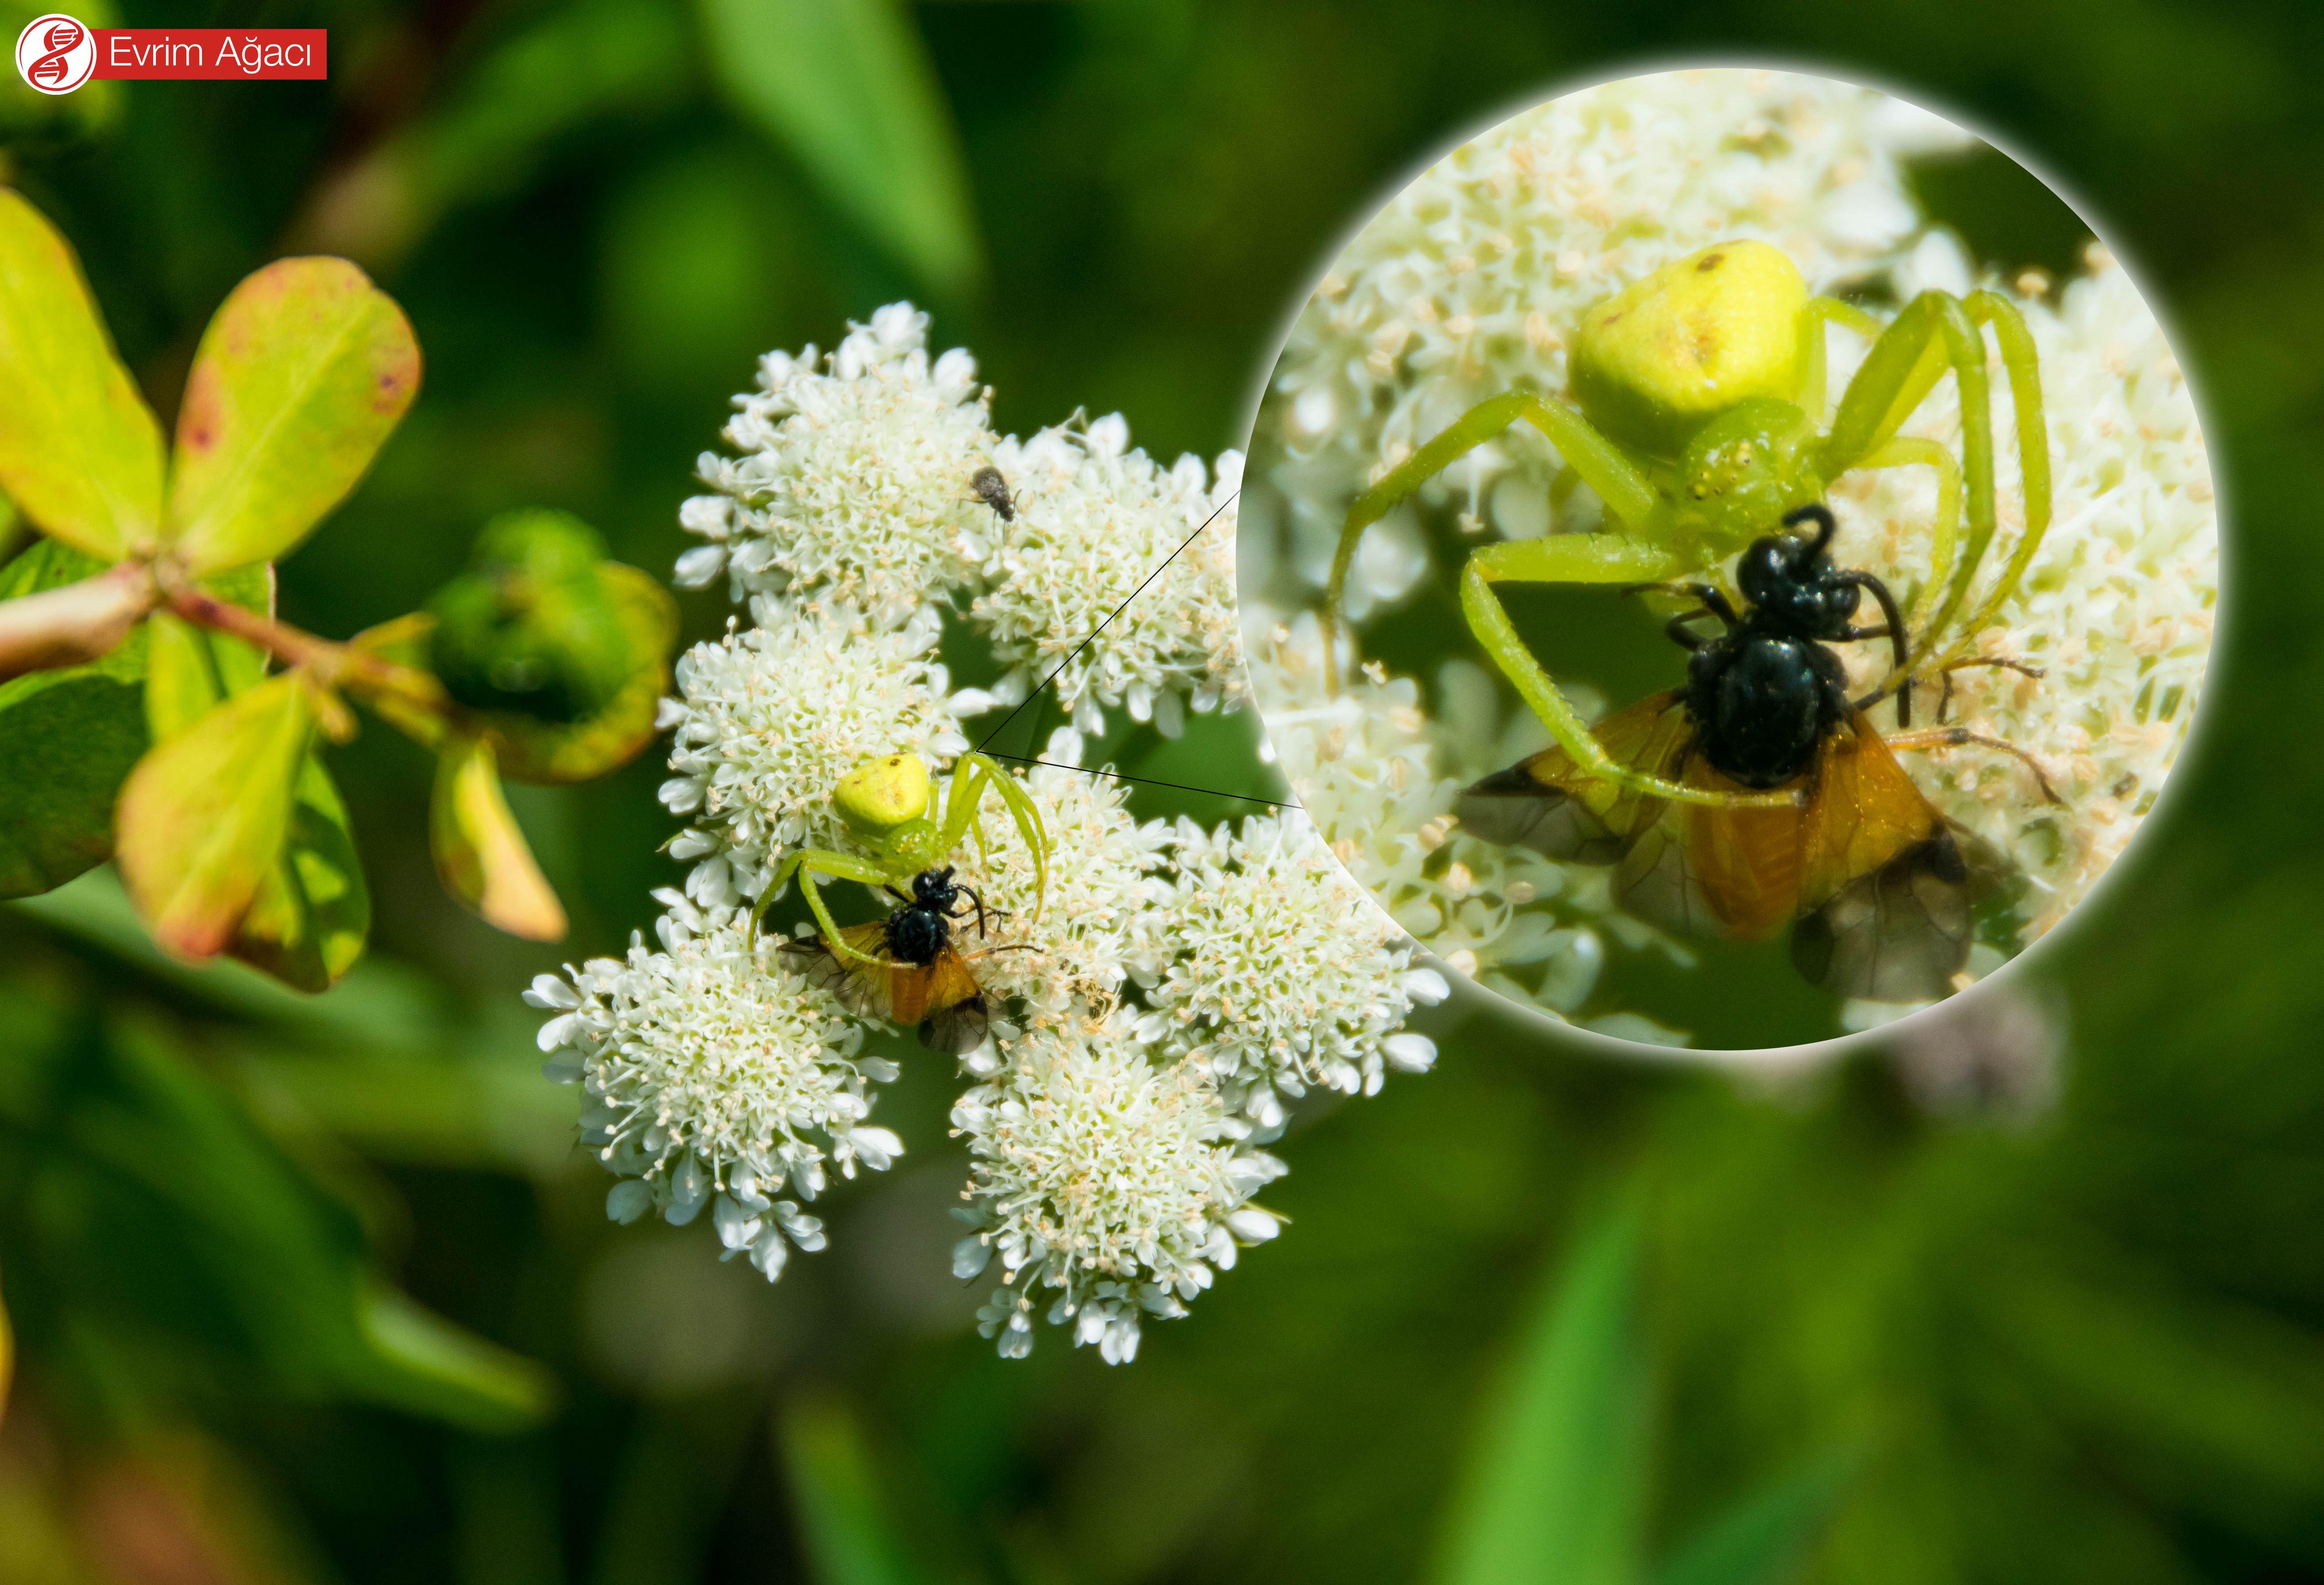 Çiçeğin üzerinde nektar toplamaya gelen avının iç organlarını enzimleri ile parçaladıktan sonra emen birey.